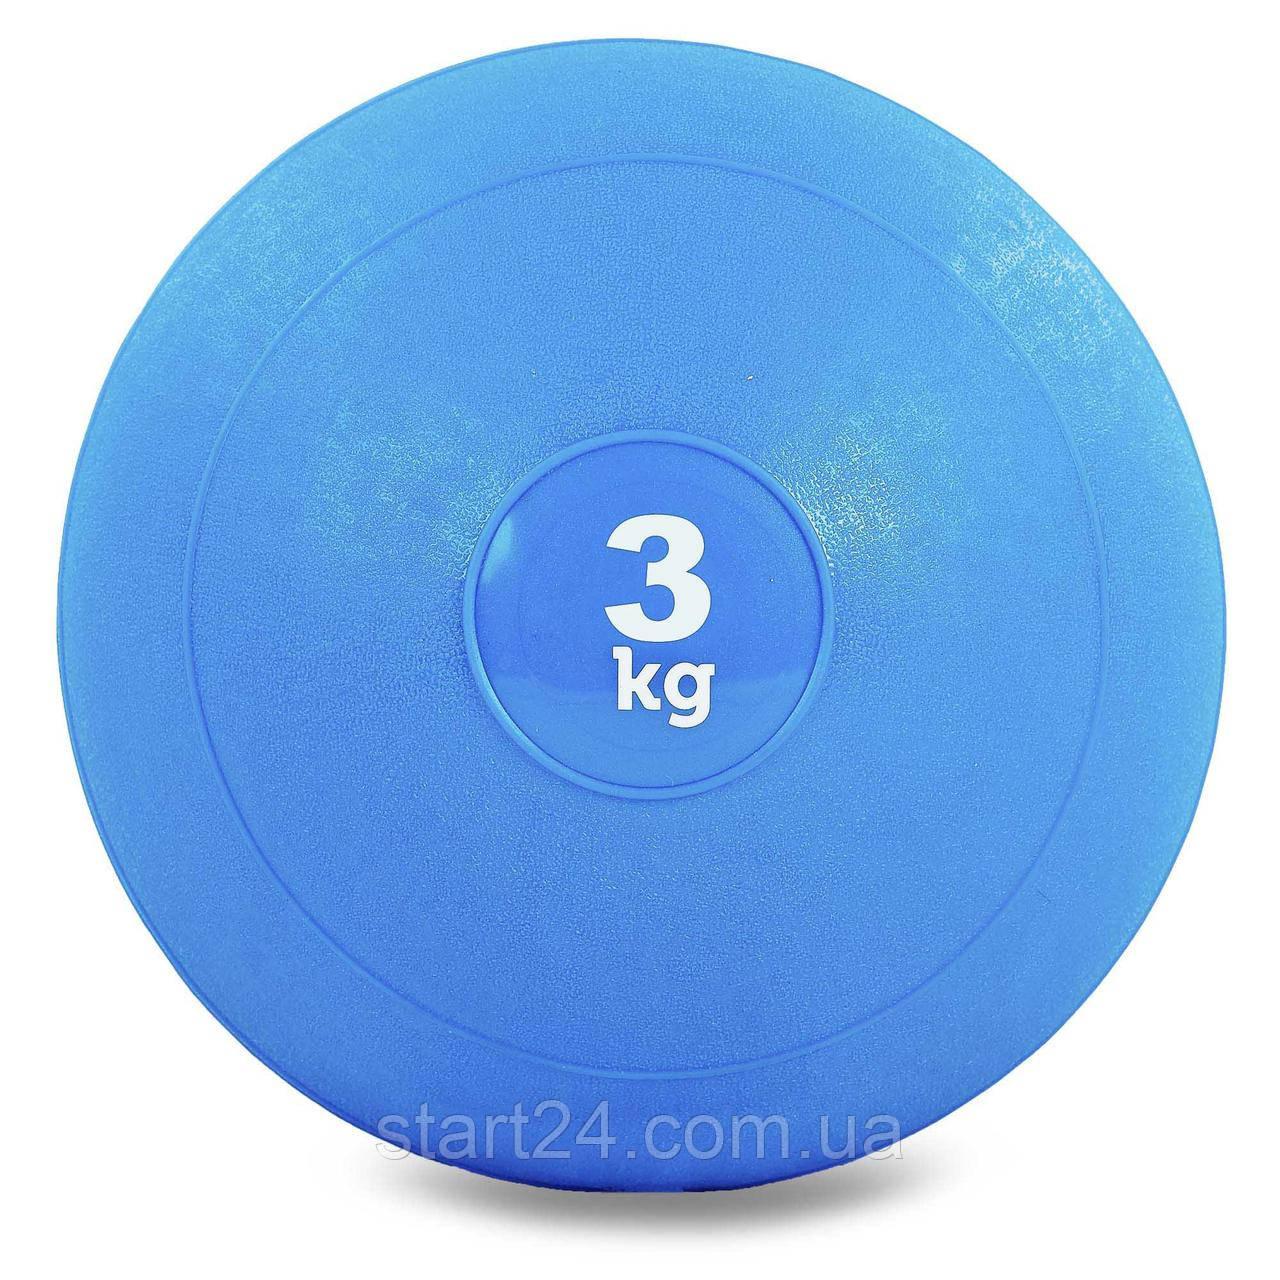 Набивний м'яч слембол для кроссфита Record SLAM BALL FI-5165-3 3кг (гума, мінеральний наповнювач, d-23см,